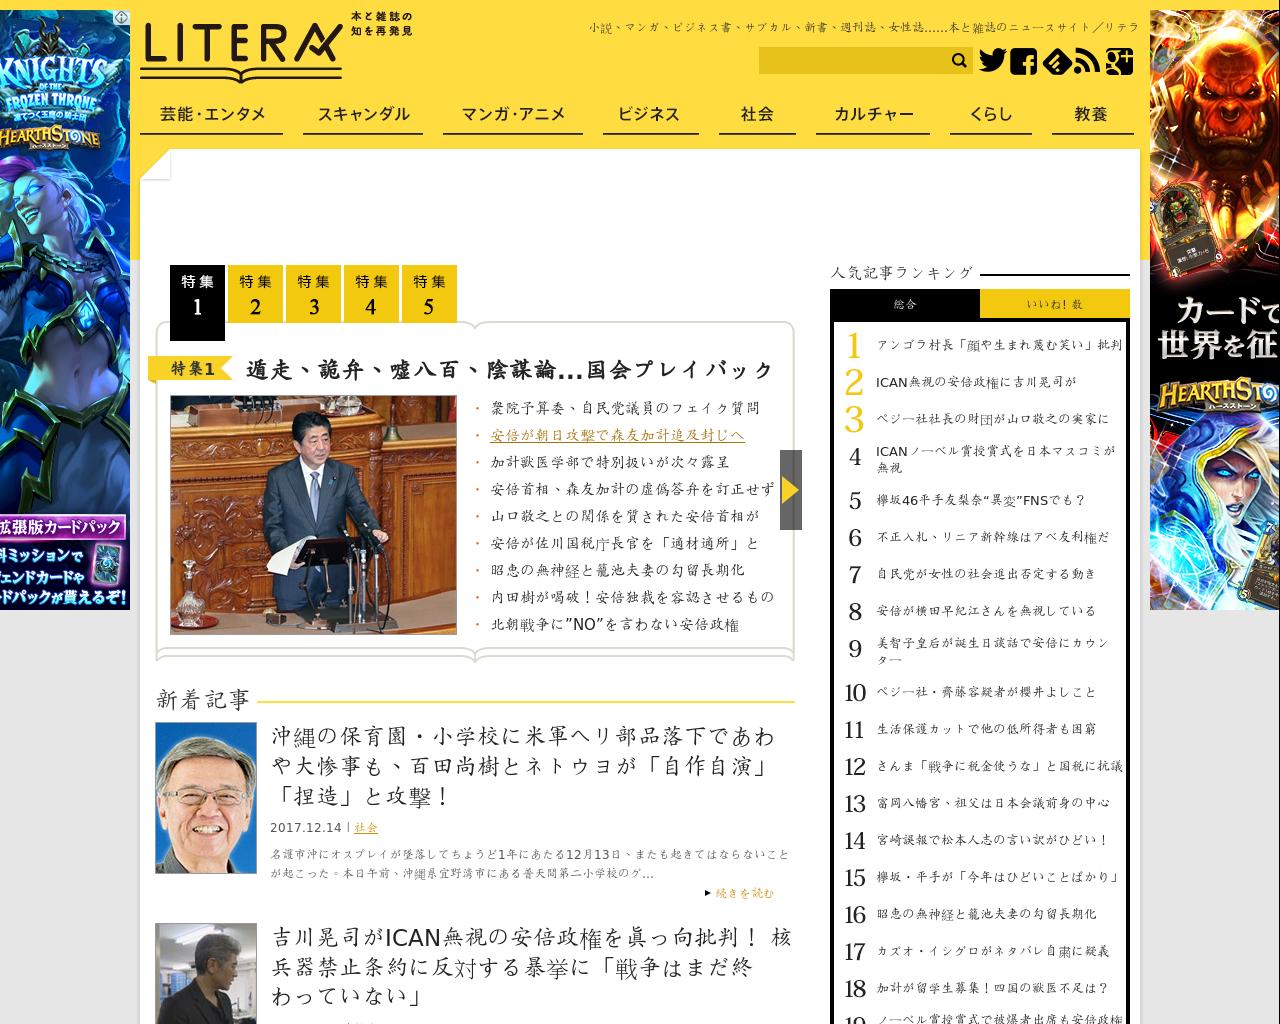 lite-ra.com(2017/12/14 09:35:39)